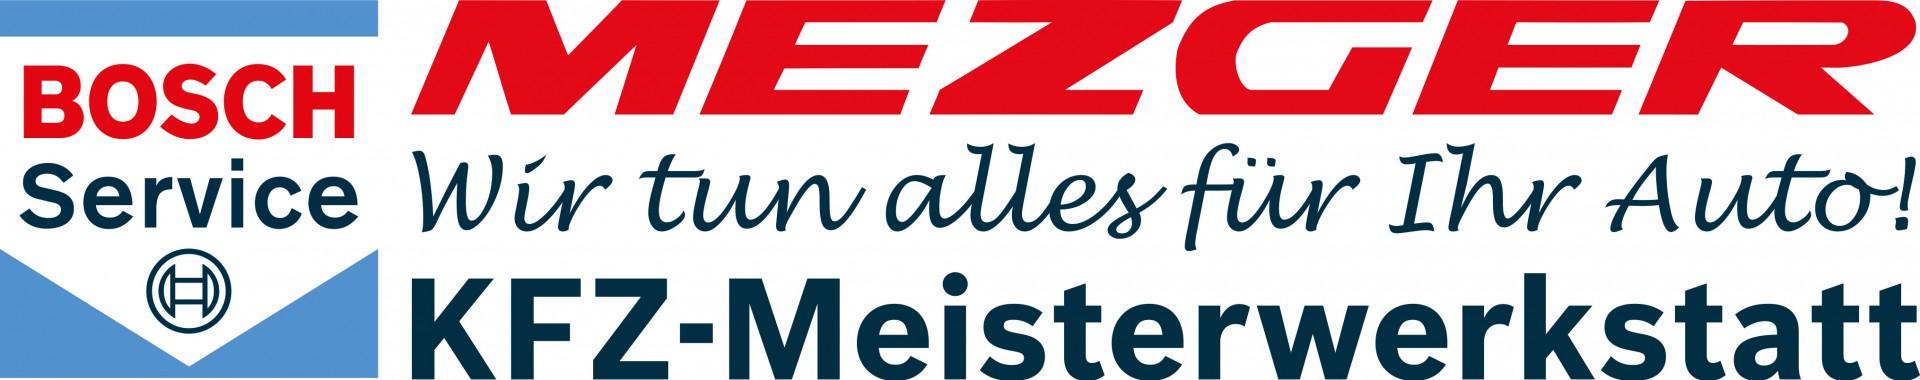 Mezger-Logo-Wir-tun-alles-für-Ihr-Auto-und-KFZ-Meisterwerkstatt.jpg